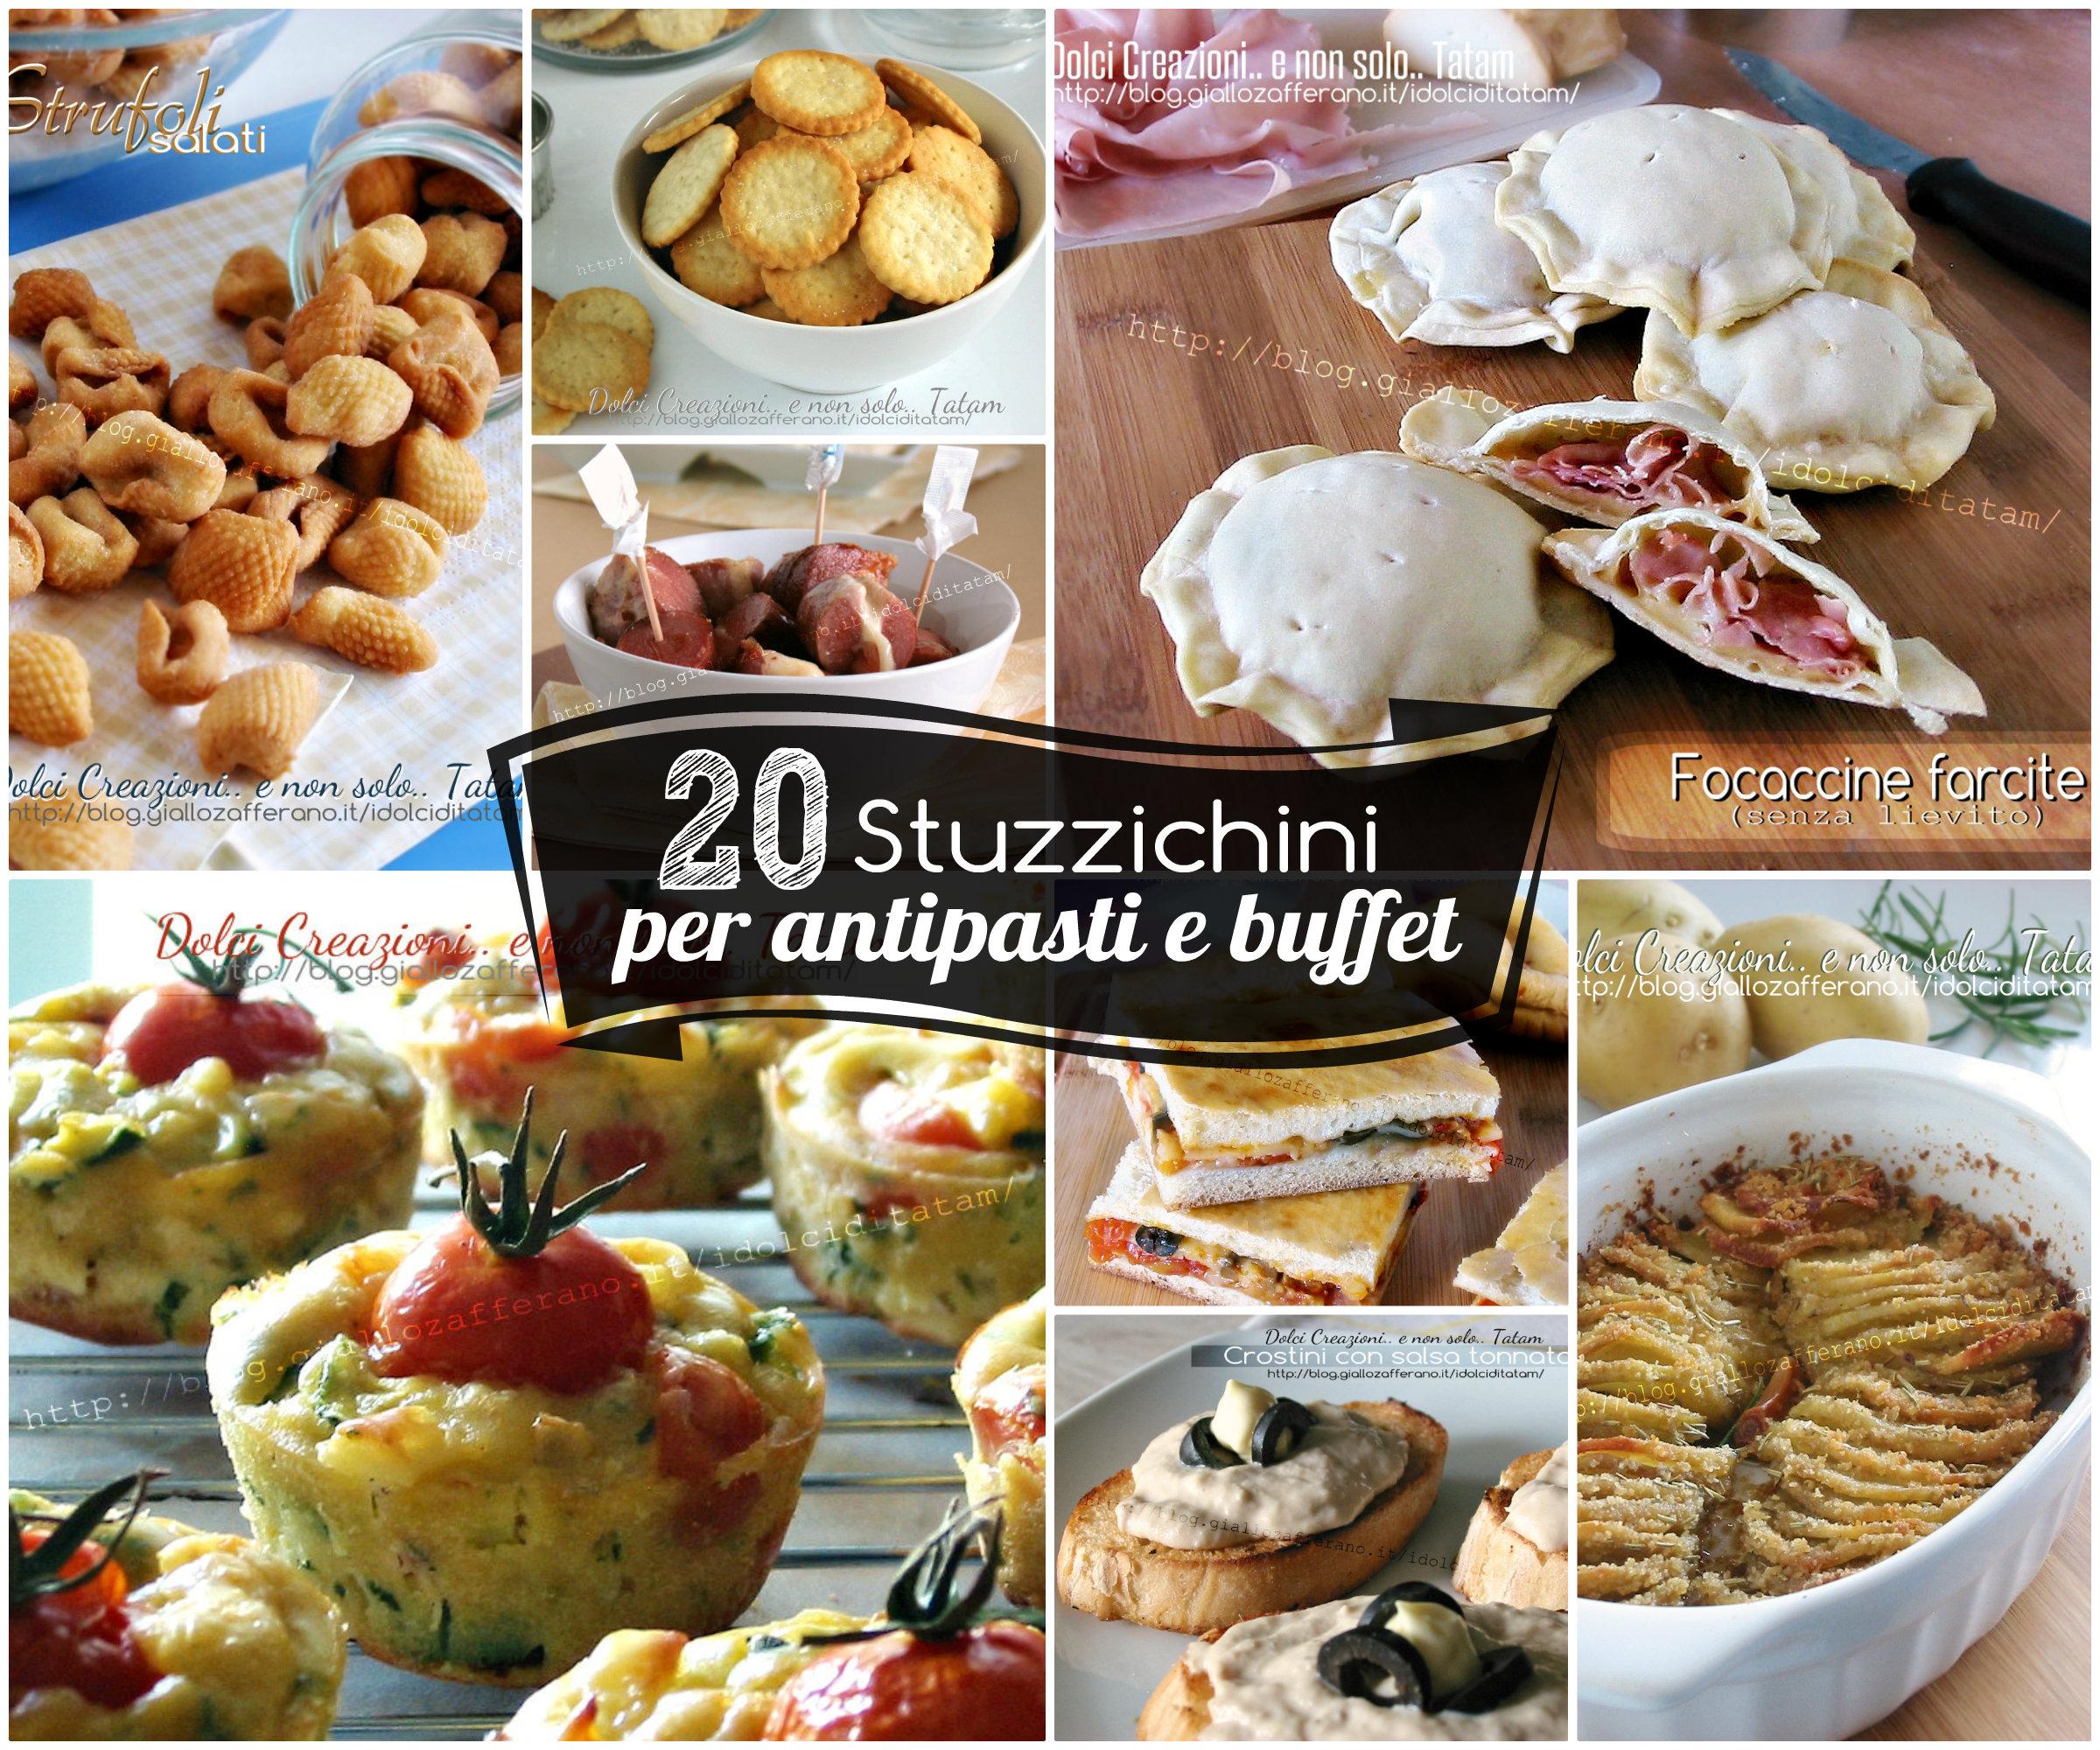 20 Stuzzichini per antipasti e buffet